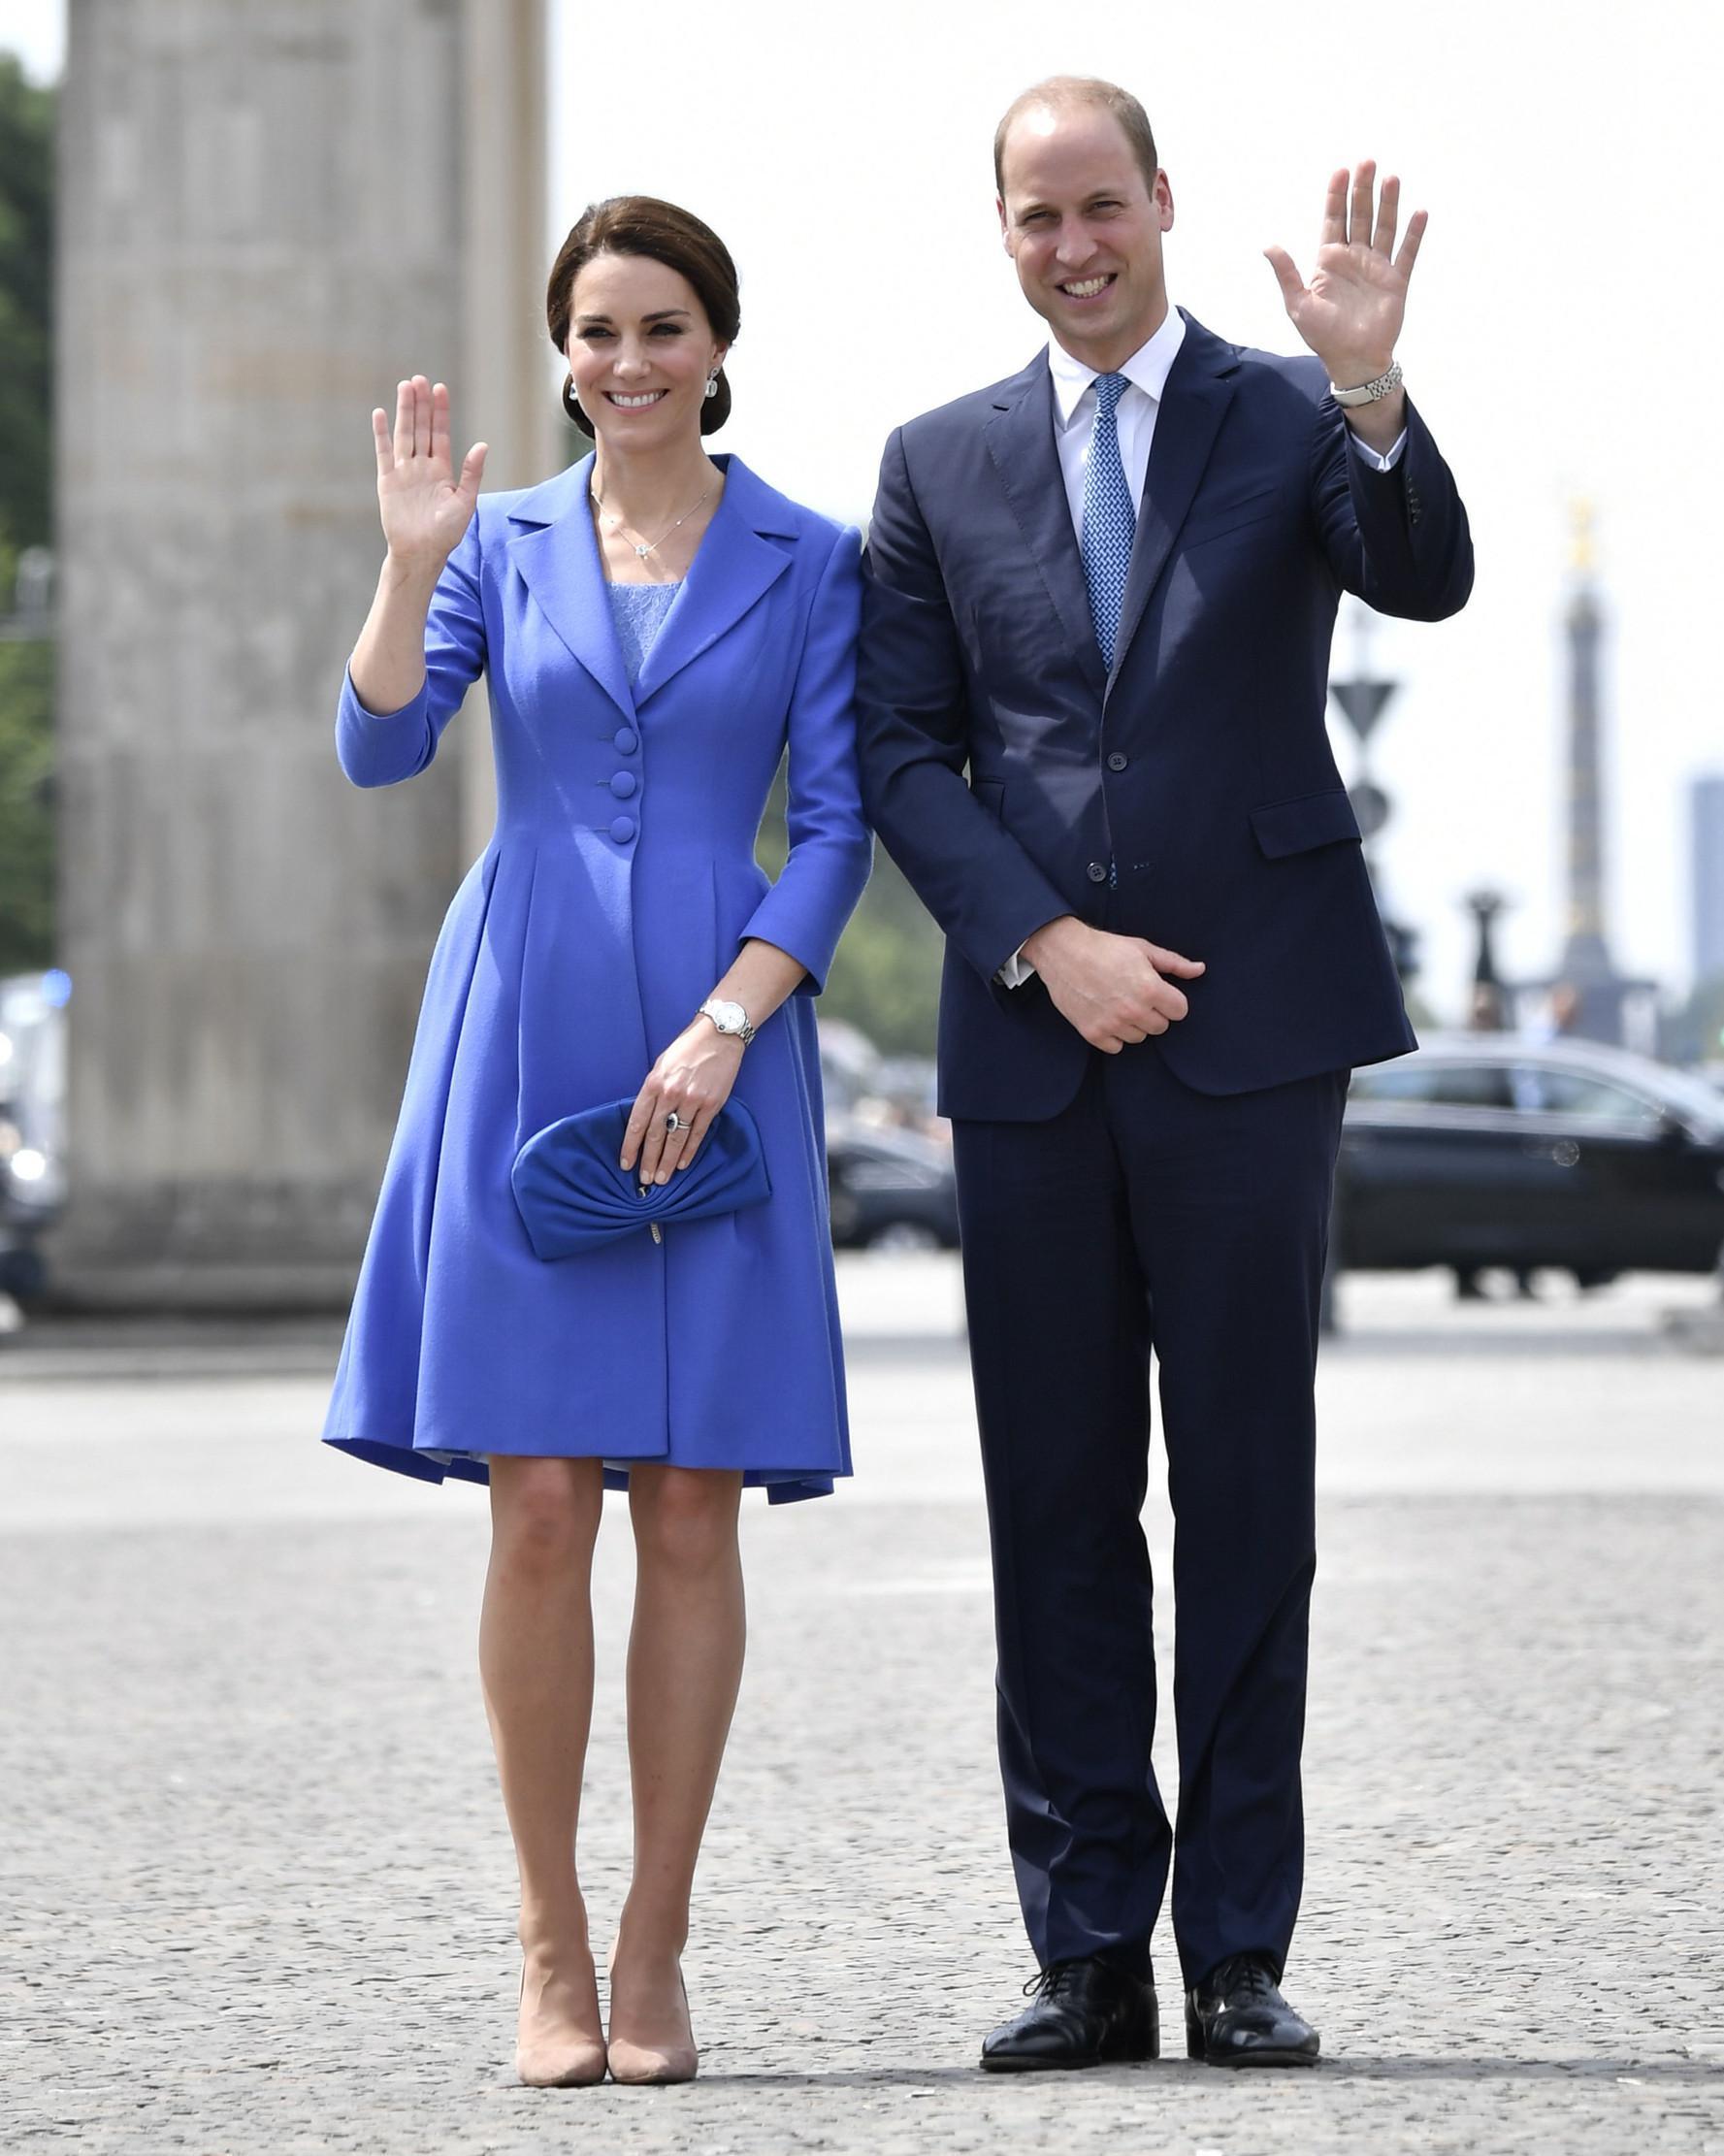 Pangeran William dan Kate Middleton melambaikan tangan sambil berpose di depan Gerbang Brandenburg di Berlin, Rabu (19/7). Pangeran William terlihat mengenakan setelan biru navy model klasik dan dasi biru untuk mengimbangi sang istri (John MACDOUGALL/AFP)